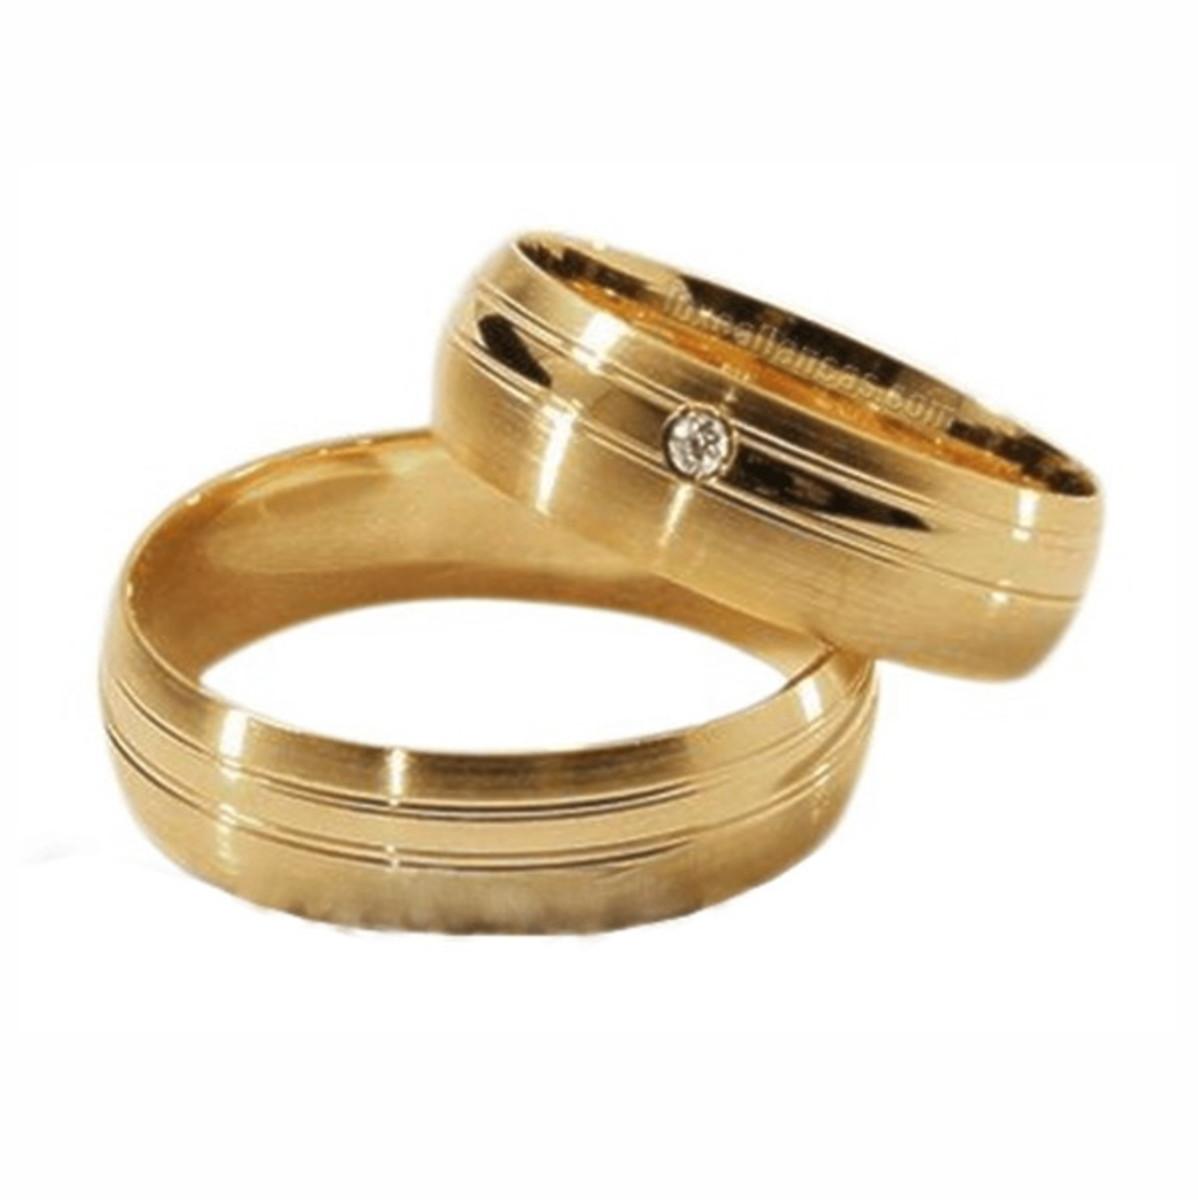 Aliança de Ouro 18k Fosca e Lisa com Dois Frisos - (Par) no Elo7 ... f5f49f3f46